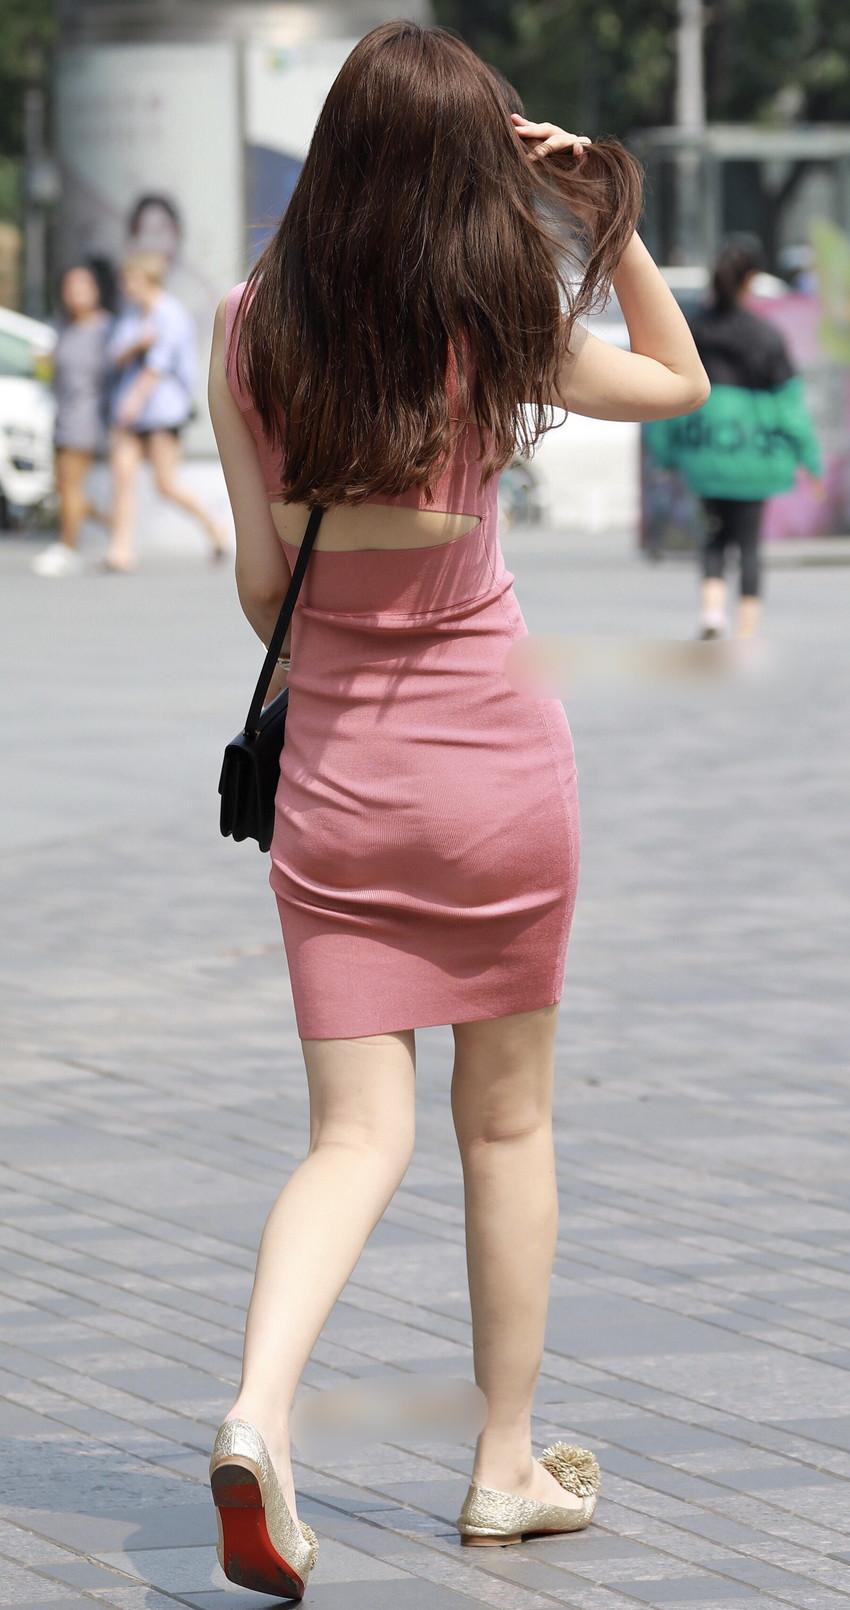 【ミニスカワンピエロ画像】ミニスカワンピ女子のパンチラを覗いたり服の中に手を突っ込み着衣セックスしてるミニスカワンピのエロ画像集!ww【80枚】 59